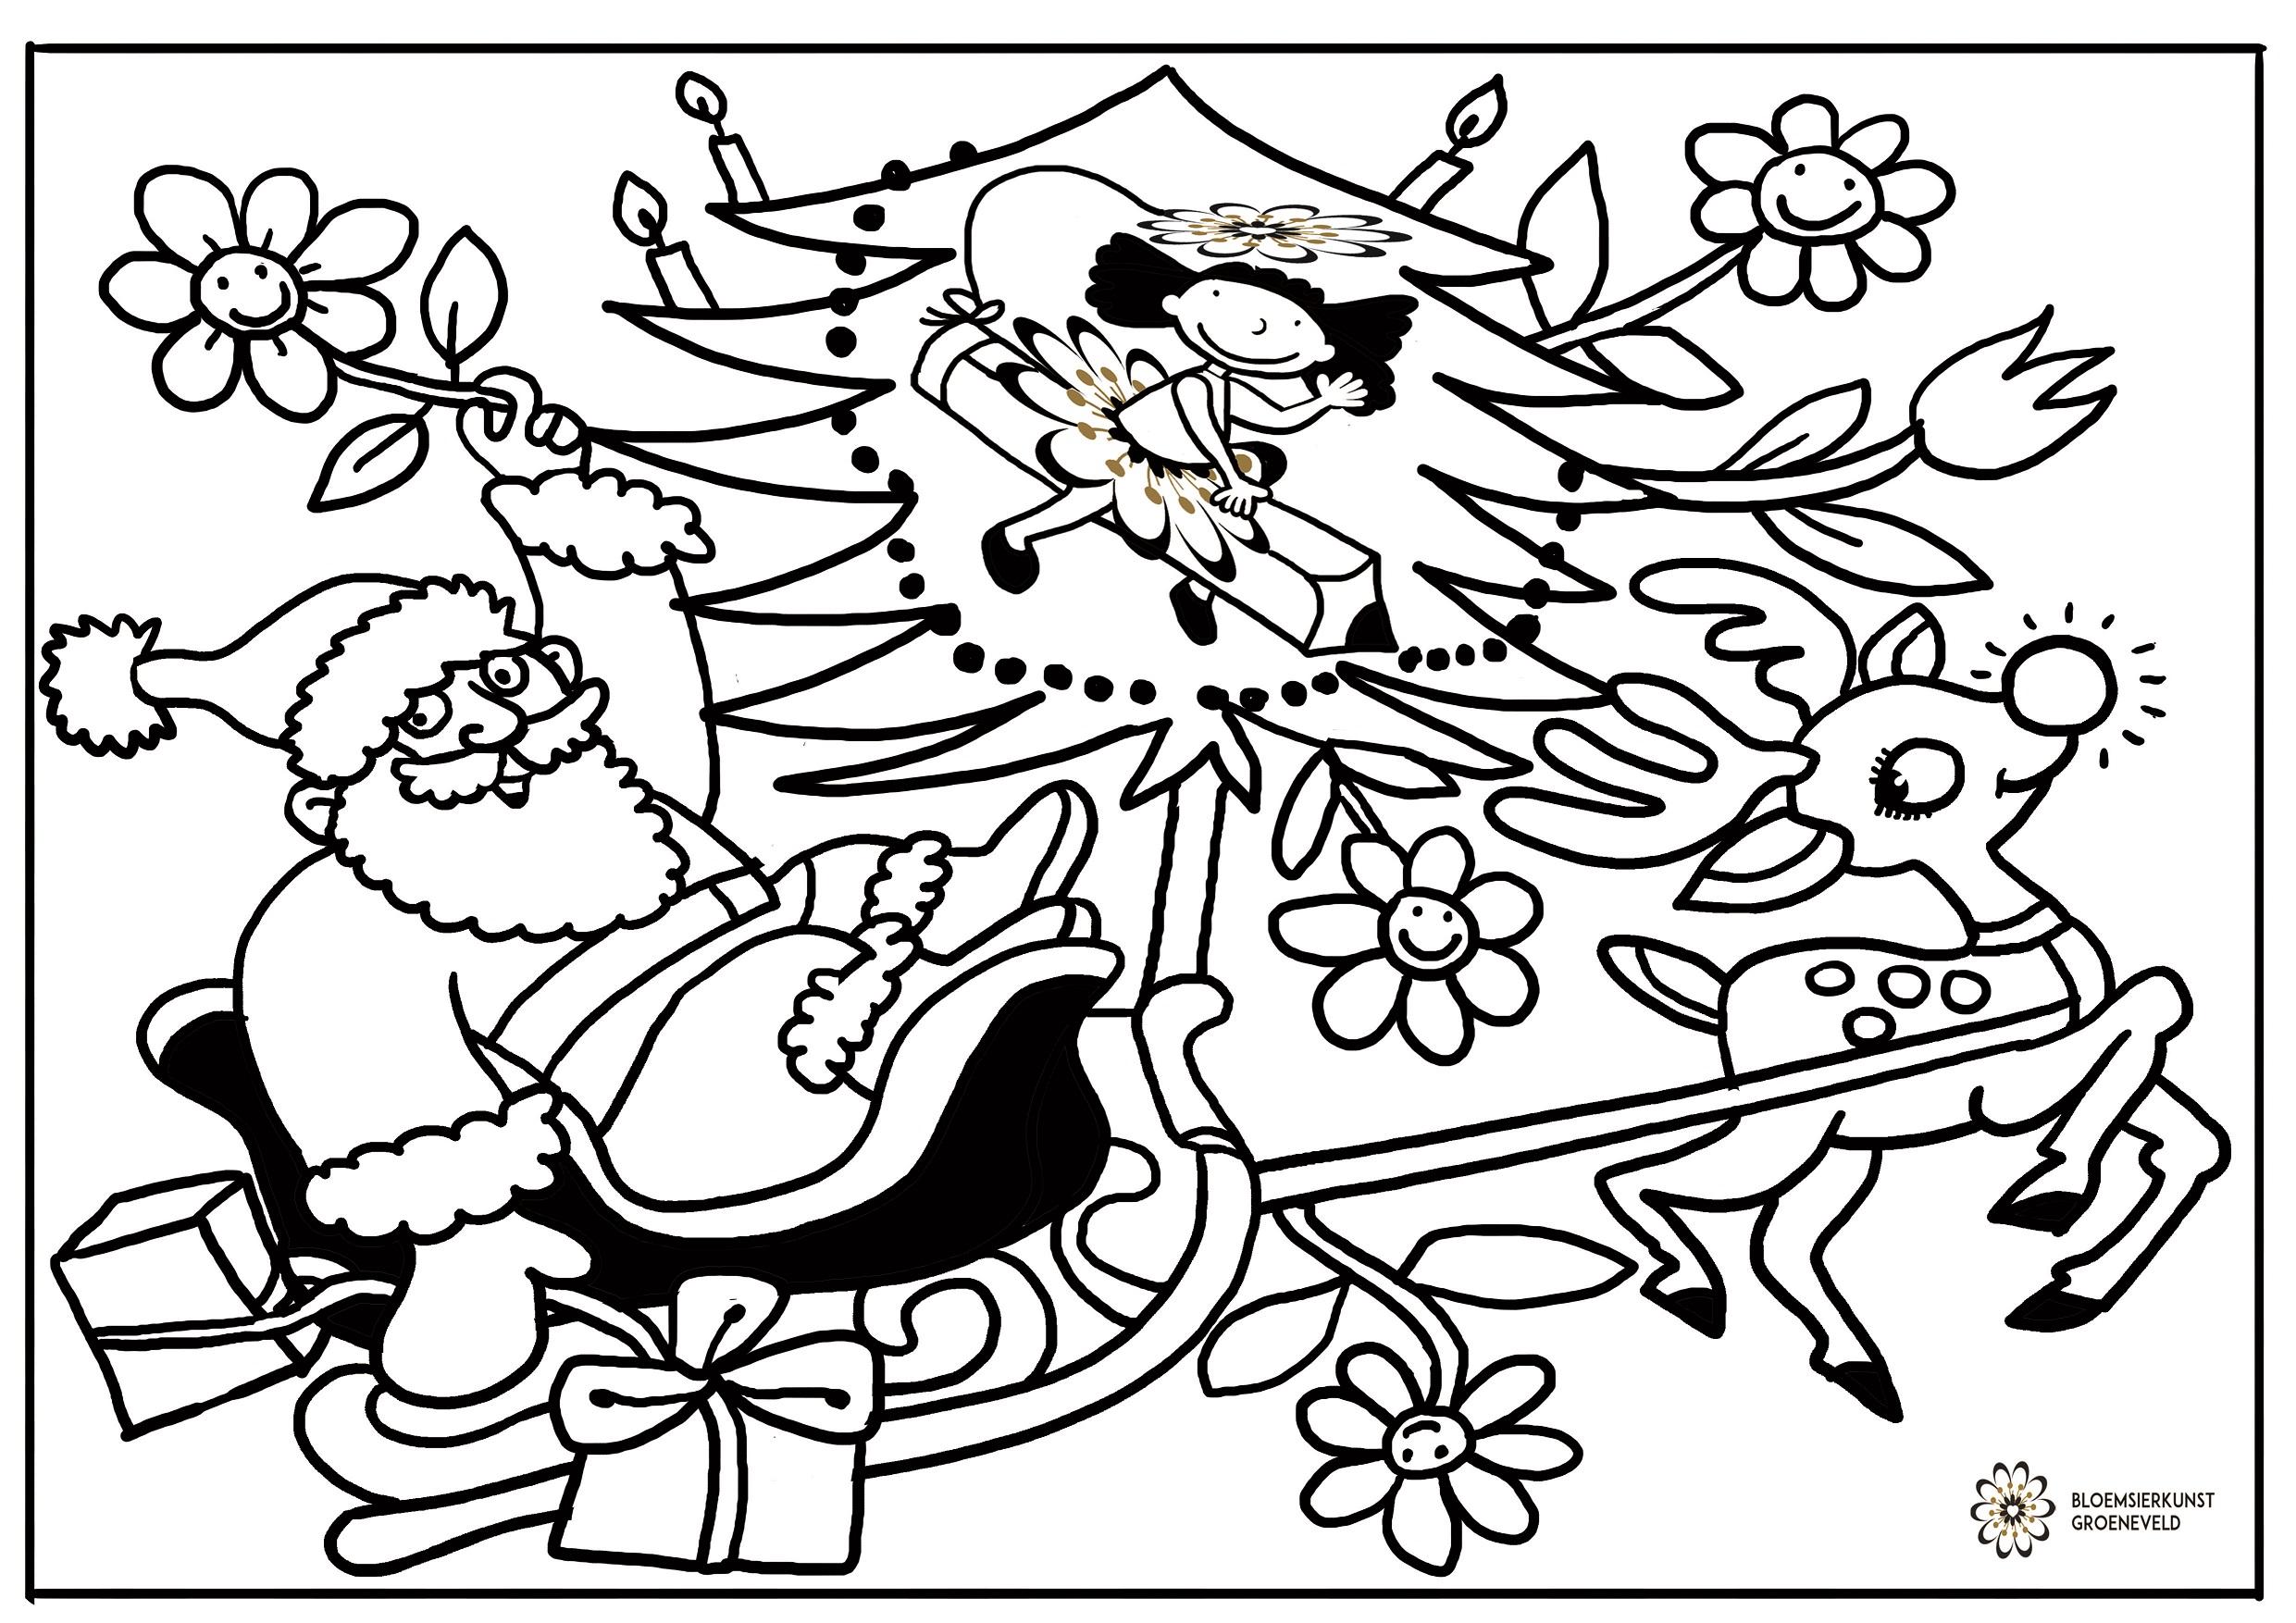 kerst kleurplaat bloemsierkunst groeneveld uw fleurop